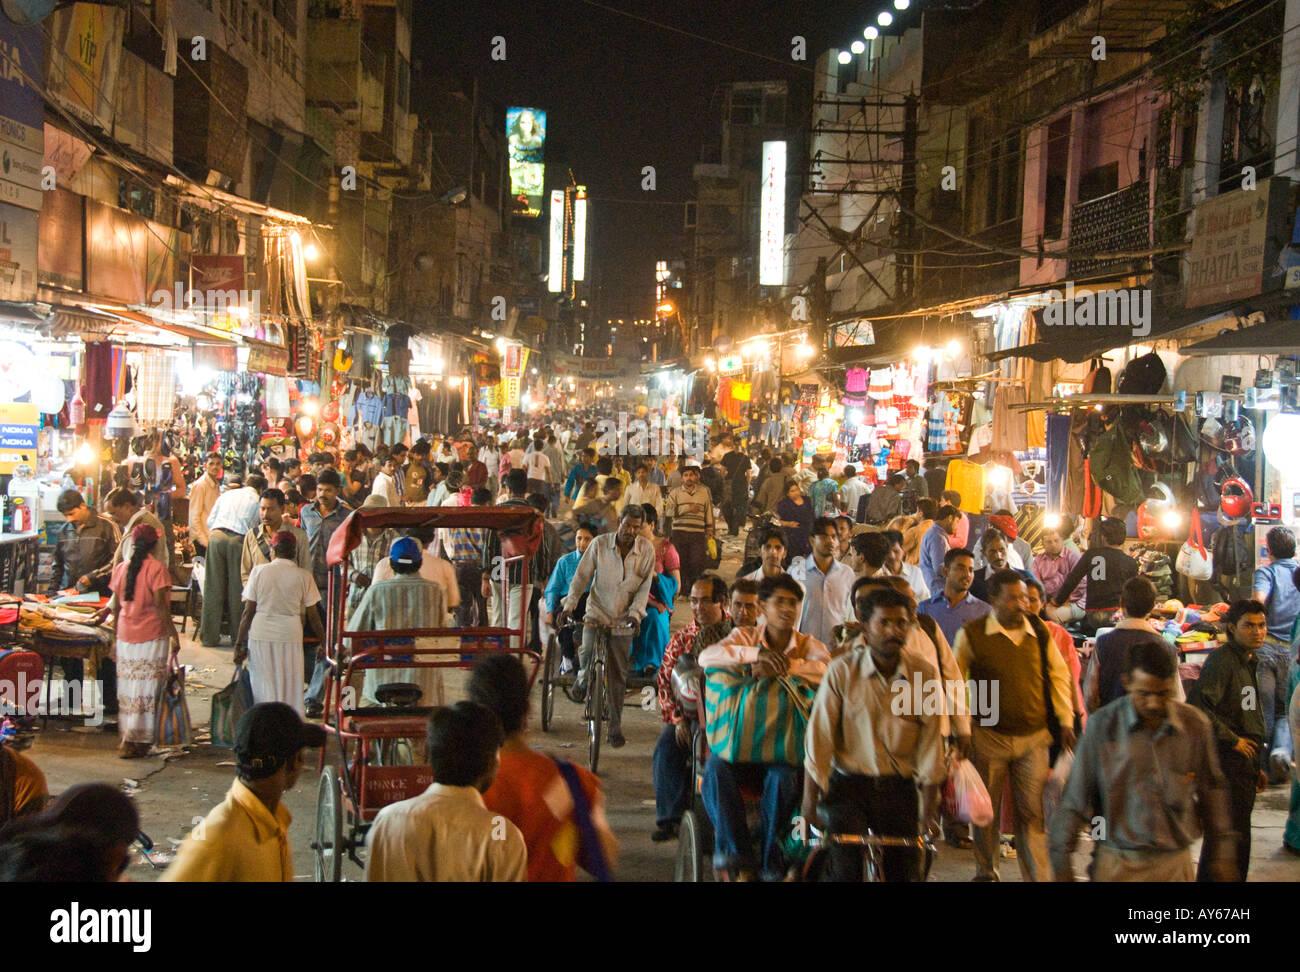 Main street in Paharganj with market and bazaar in Delhi in India - Stock Image